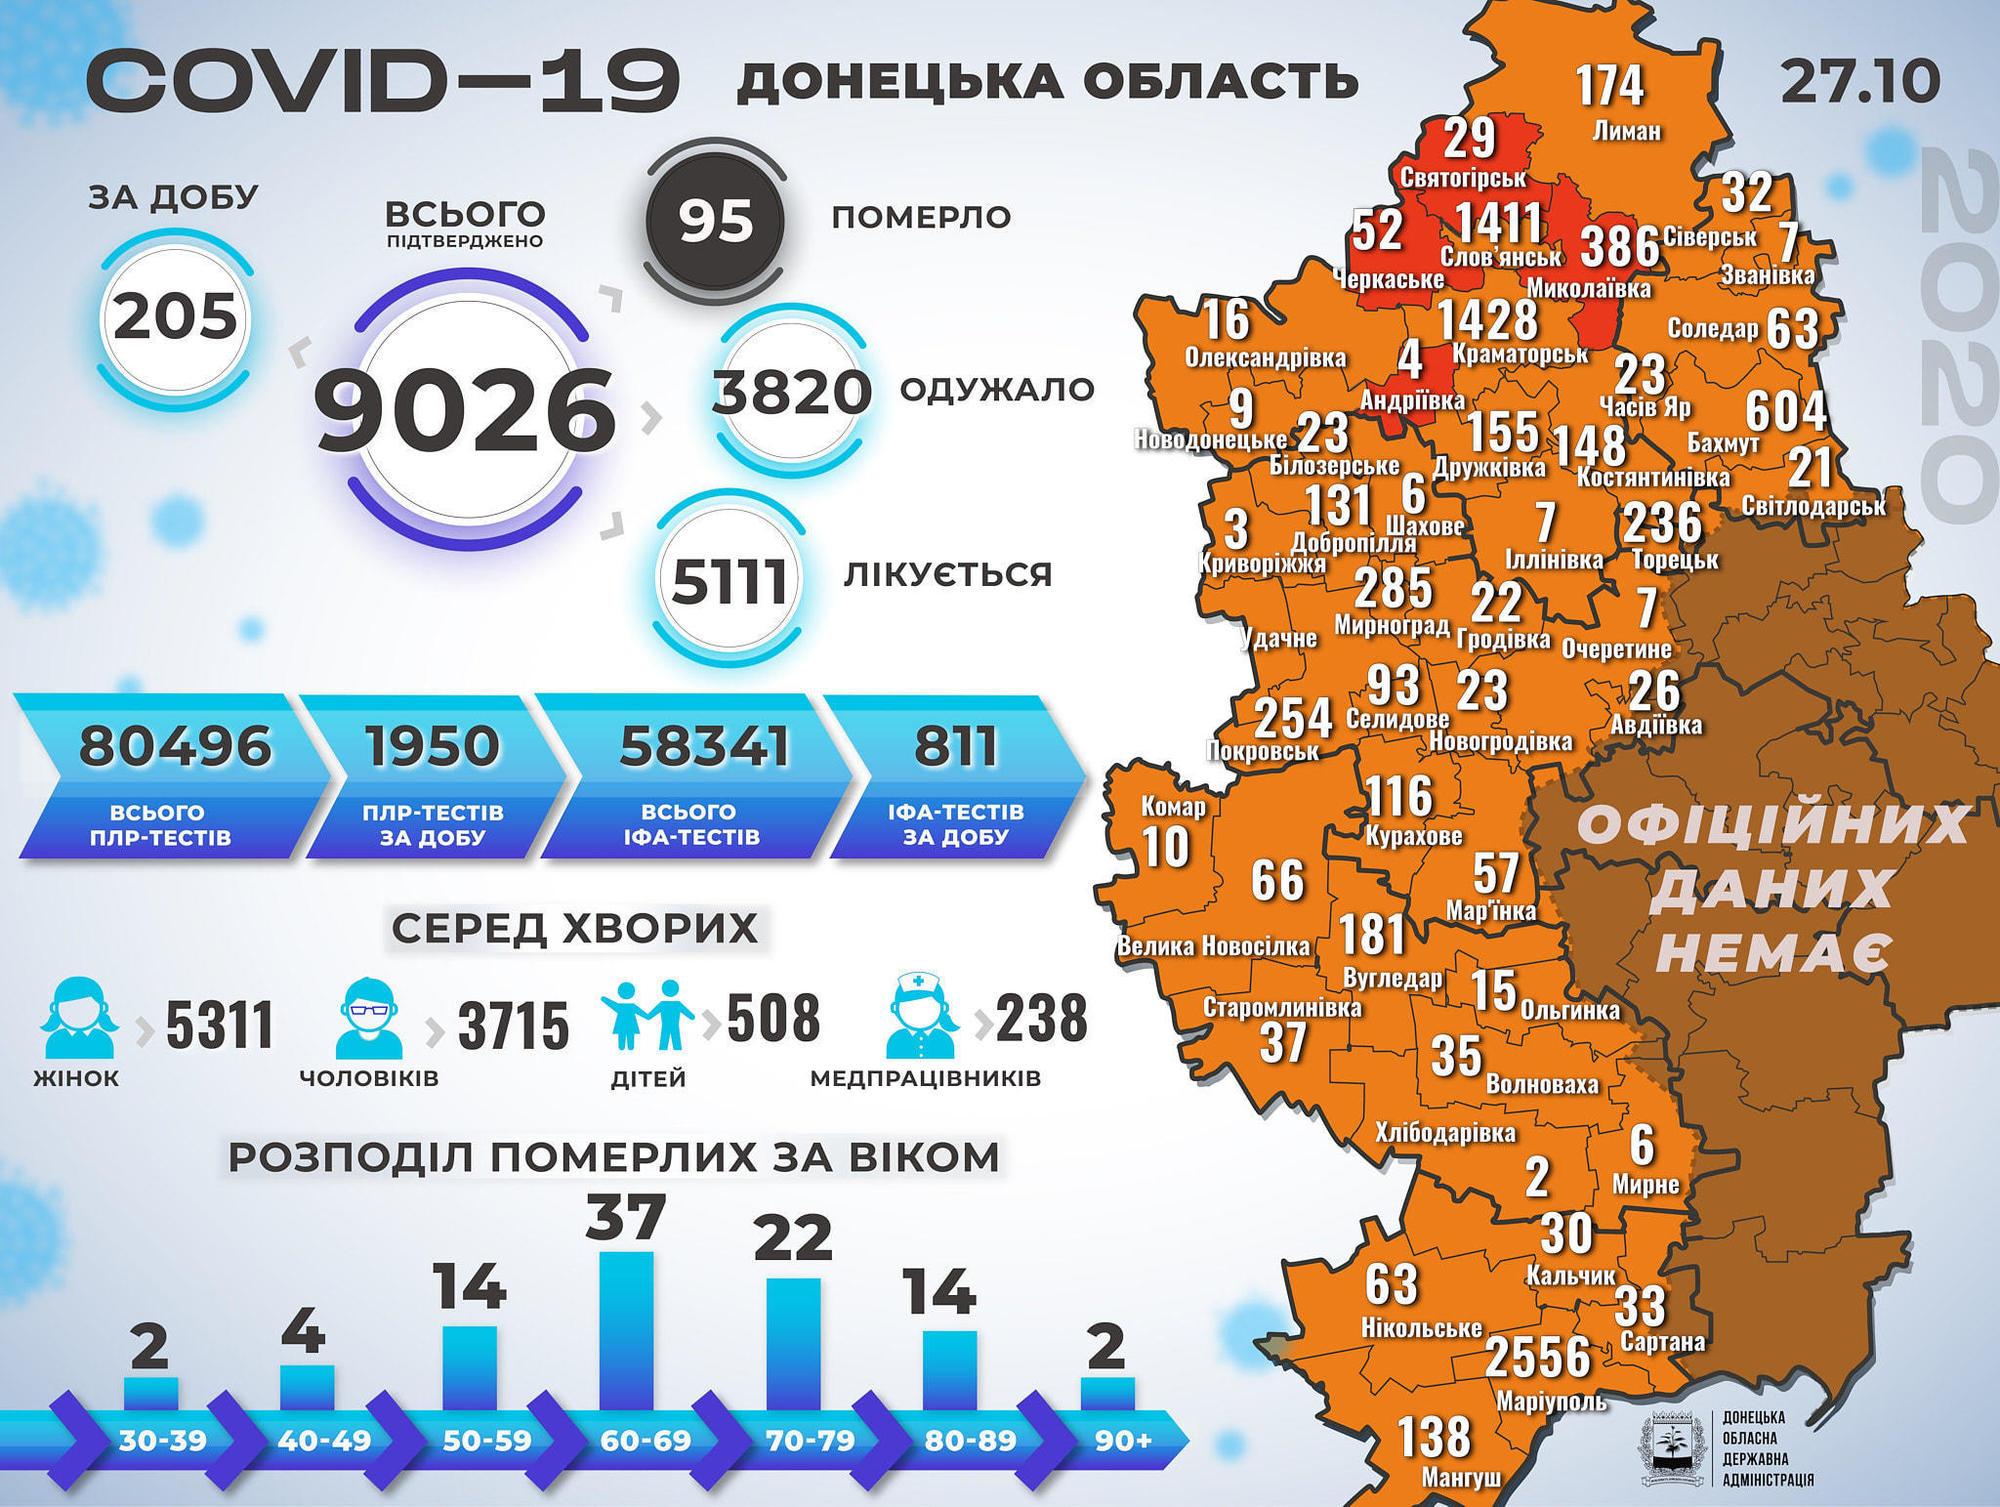 інфографіка Донецька область коронавірус 28 жовтня COVID-19